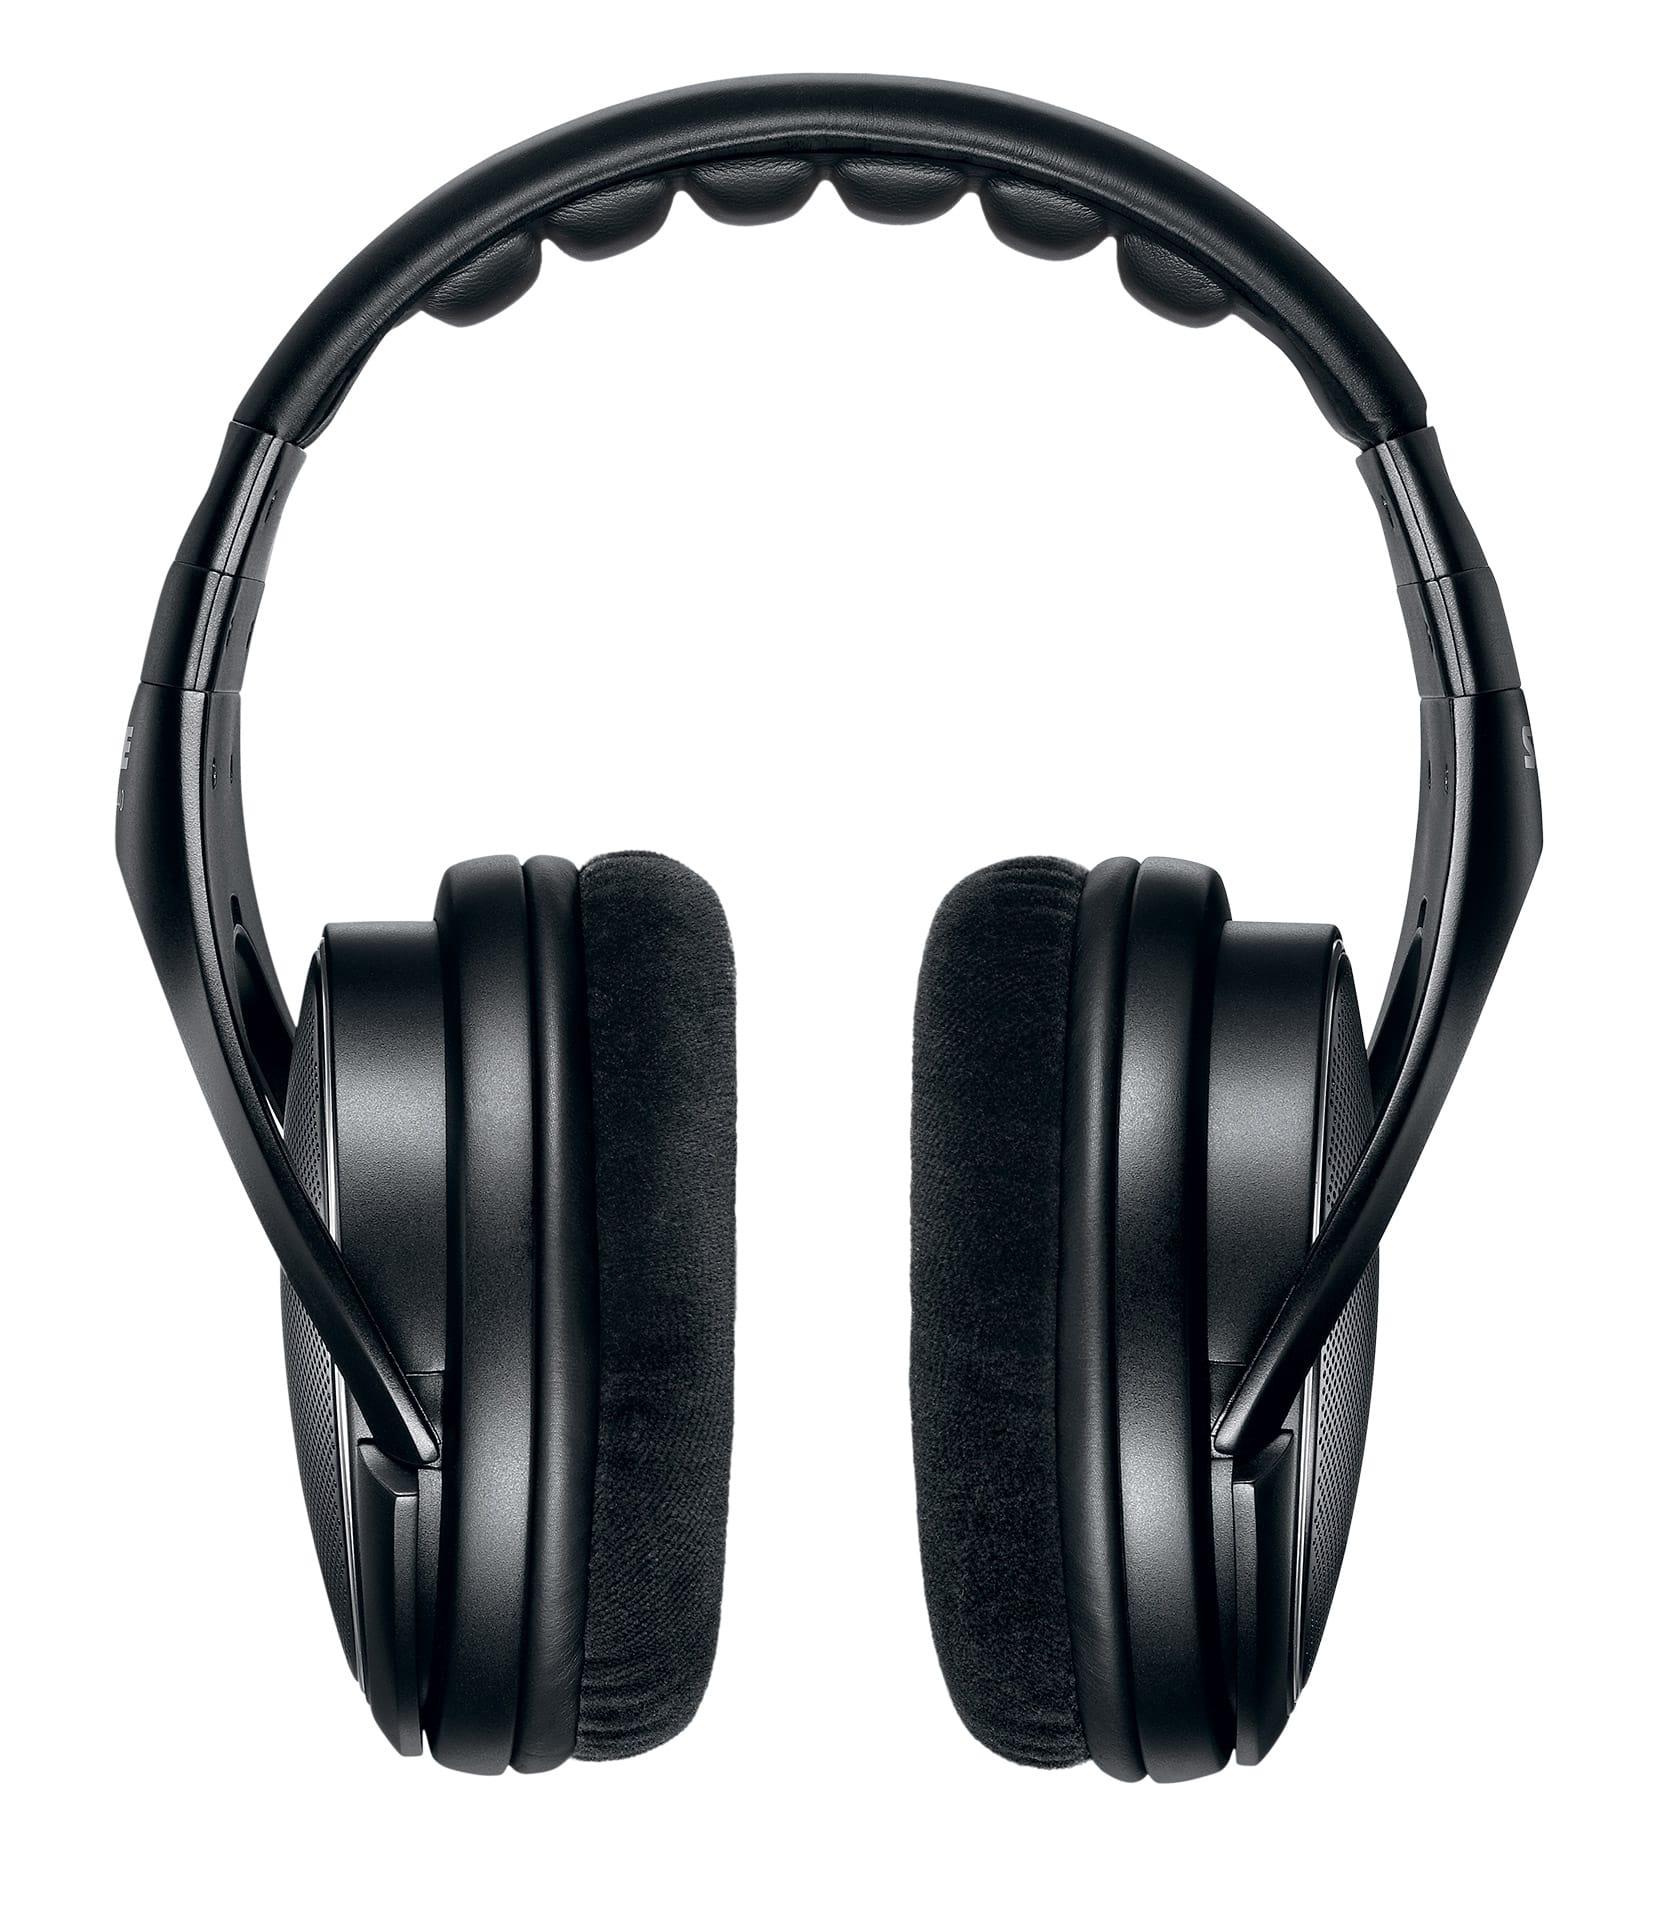 buy shure srh1440 professional studio headphones